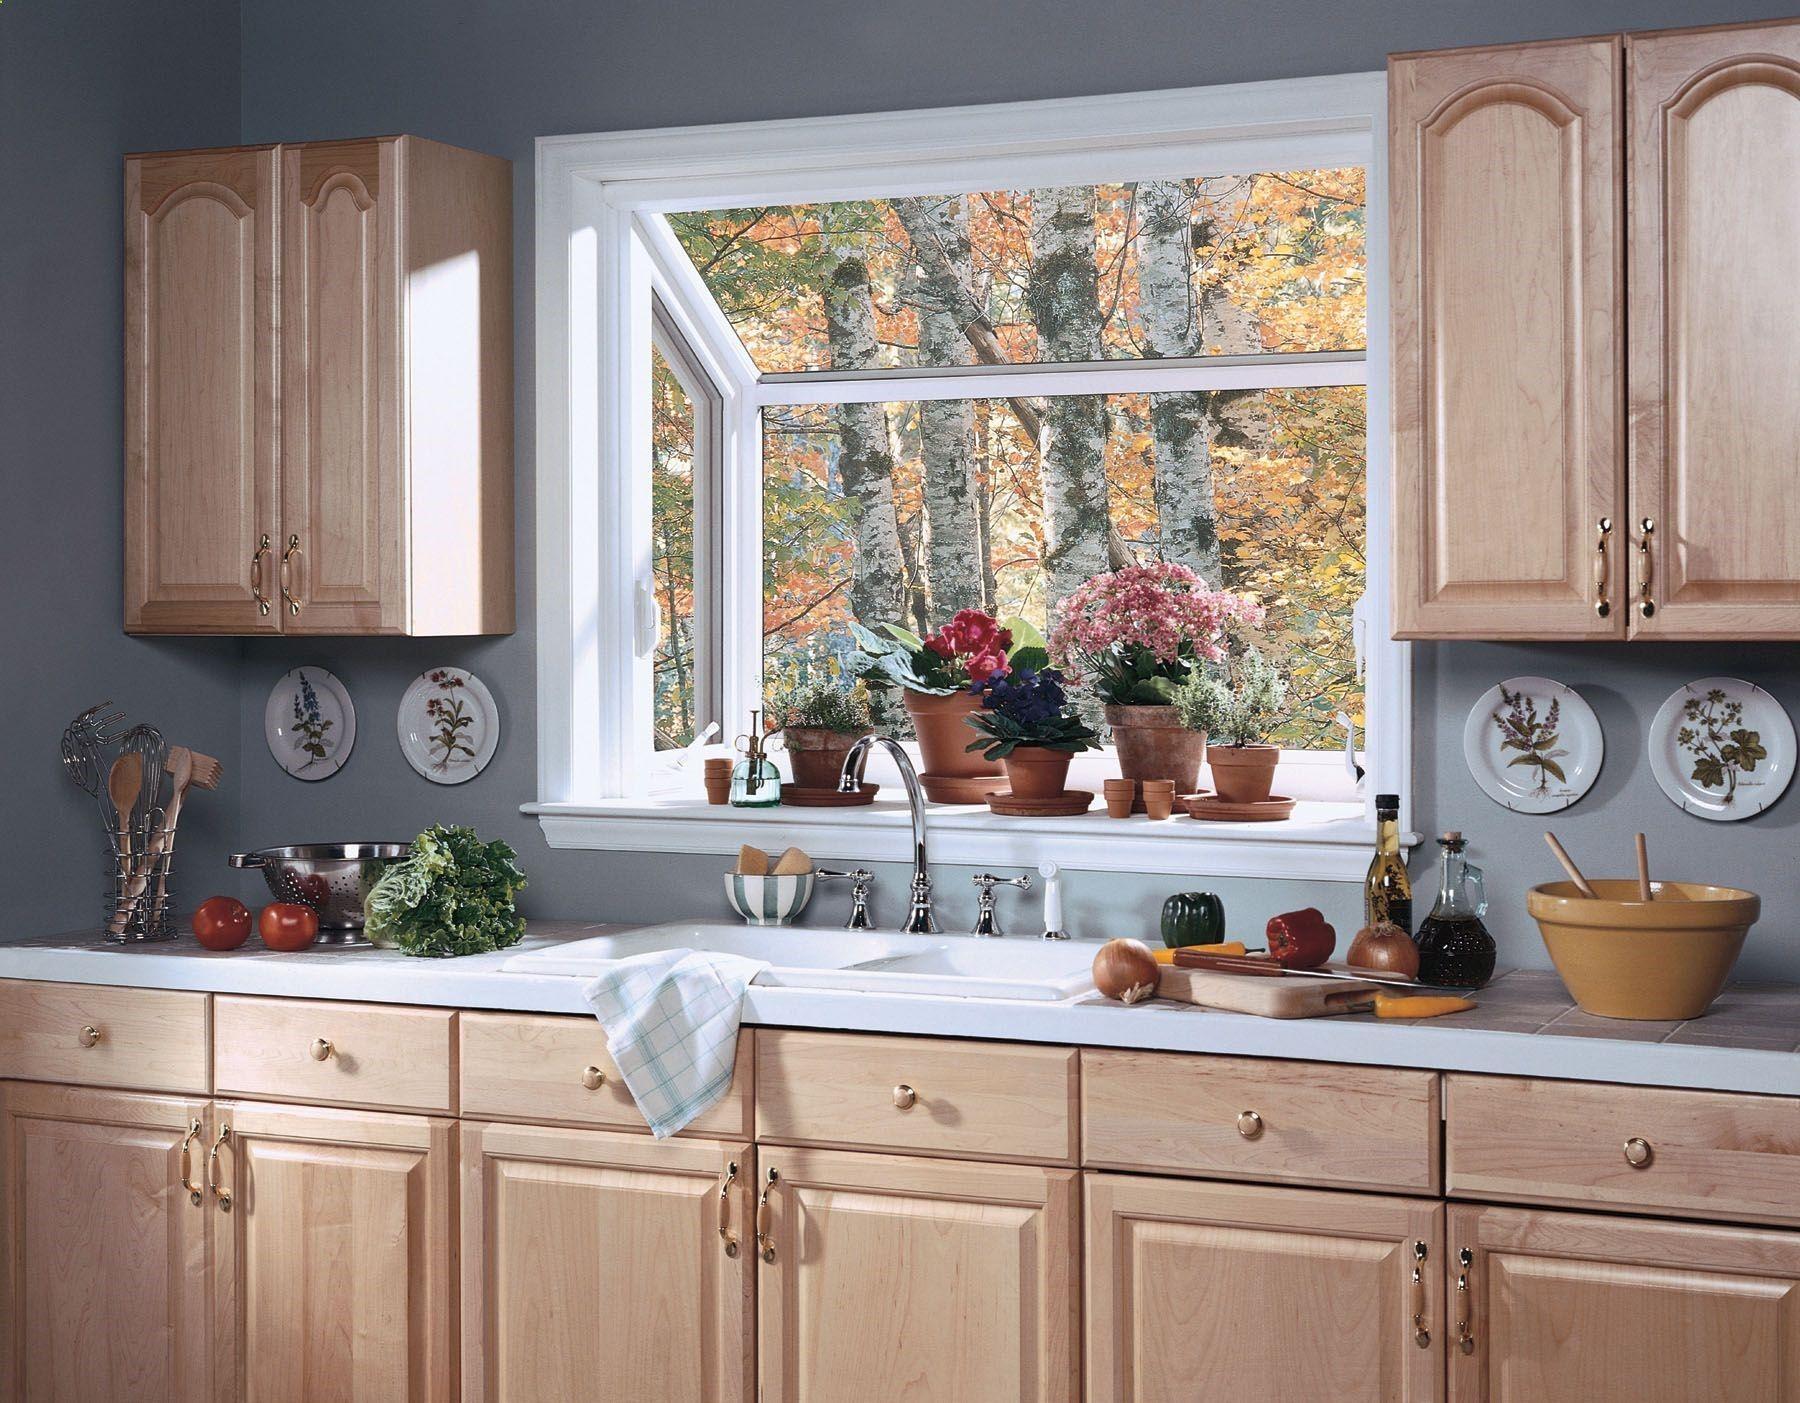 kitchen casement window over sink